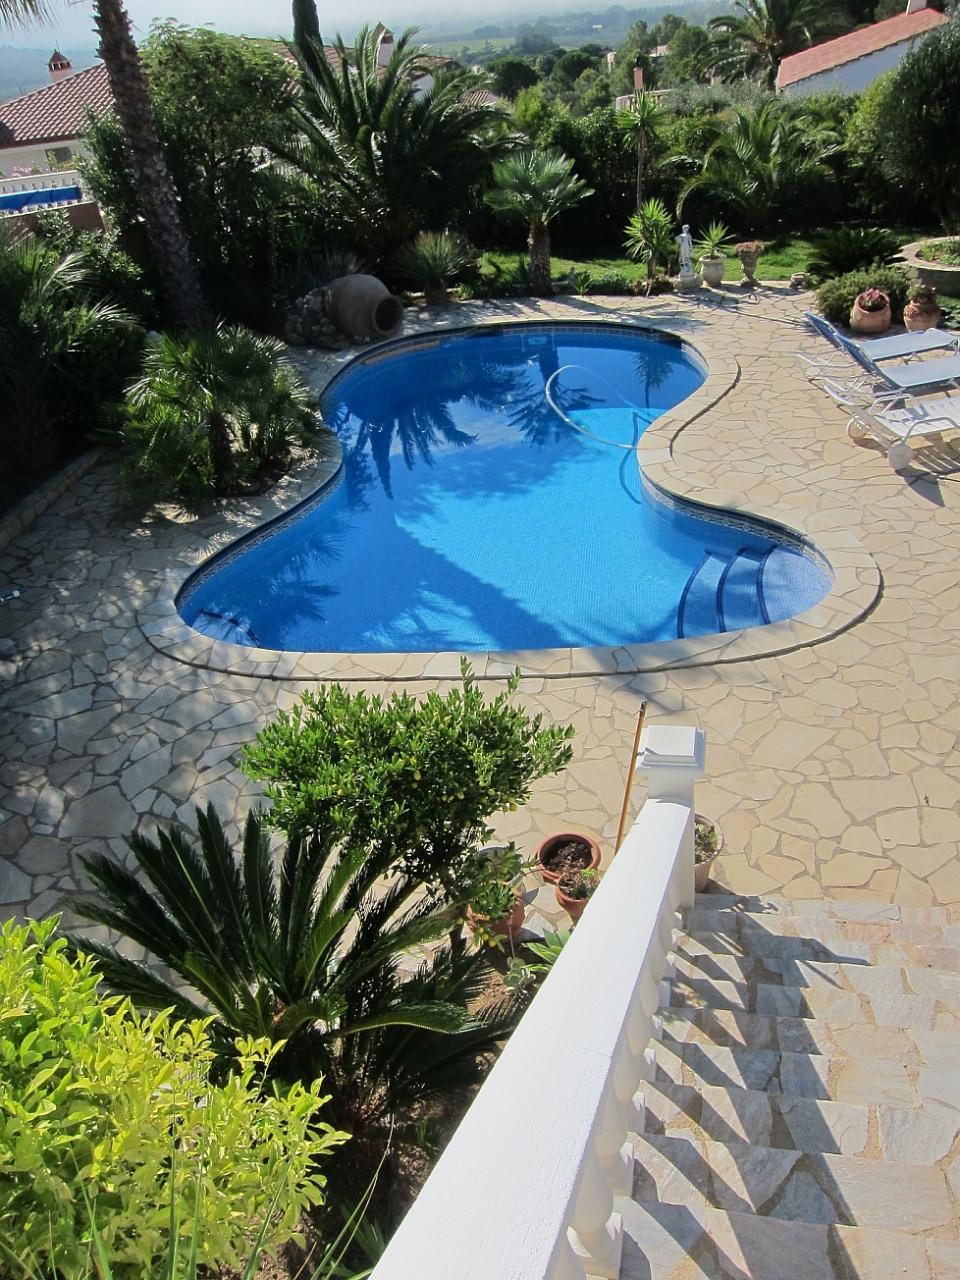 Casa con piscina en costa brava barcelona home for Piscinas costa brava